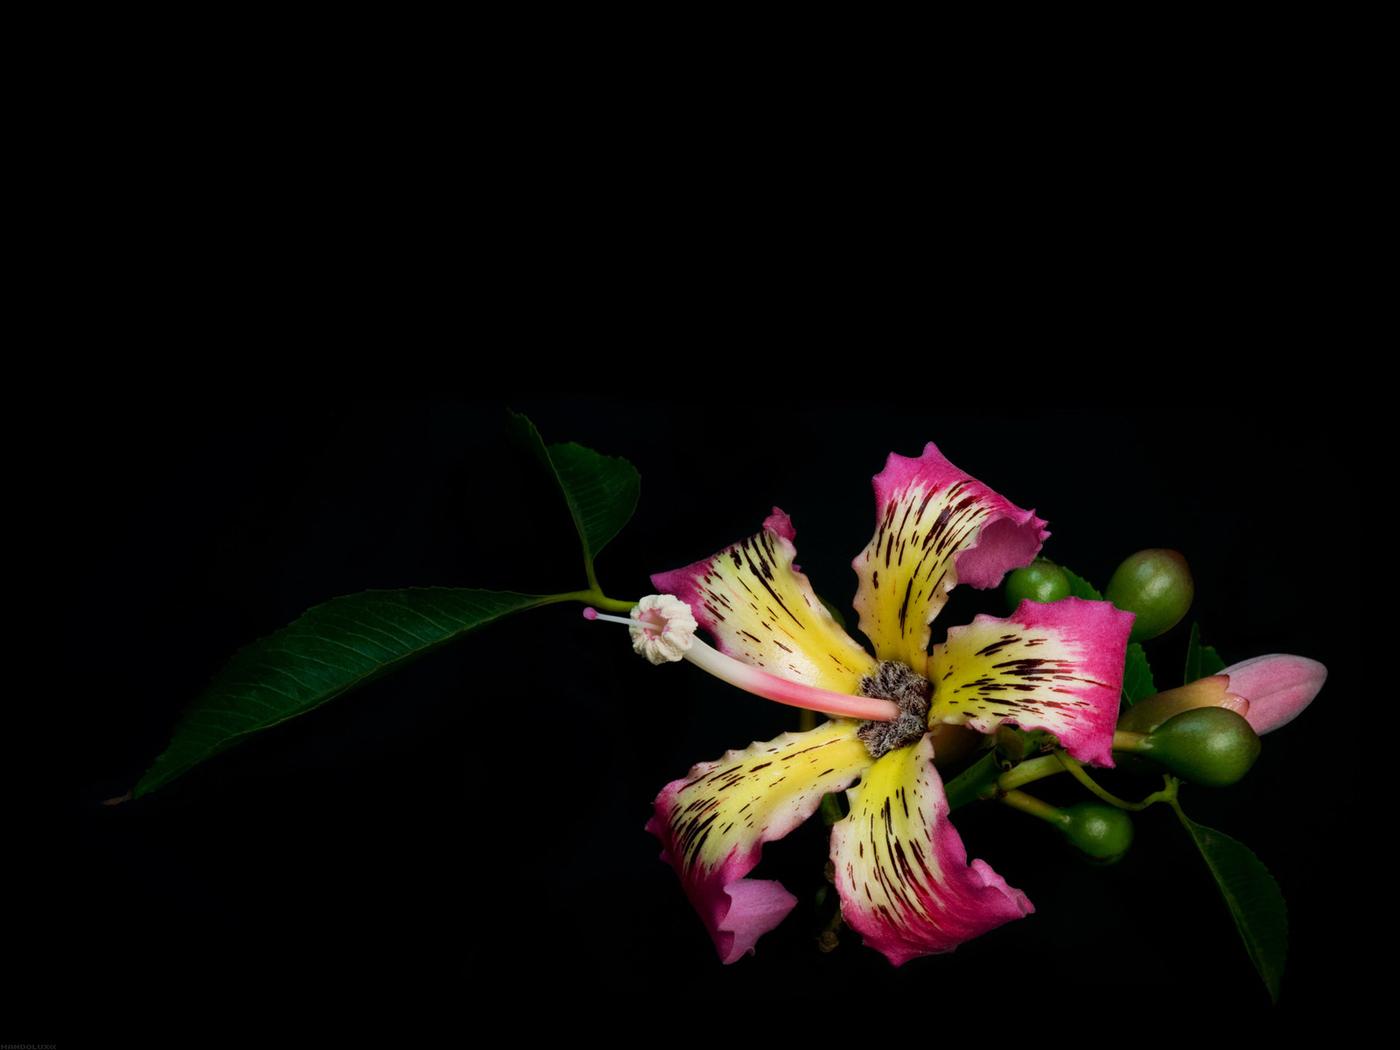 26703 скачать обои Растения, Цветы, Фон - заставки и картинки бесплатно